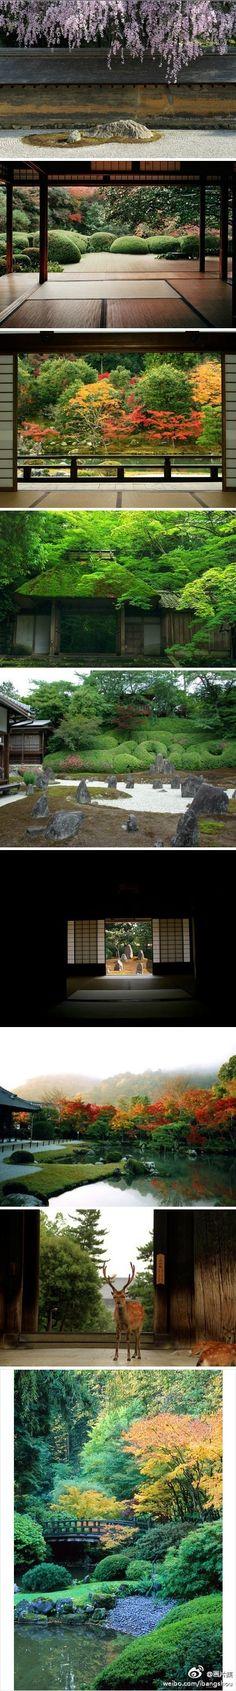 日本庭園,极富禅韵。Japanese garden